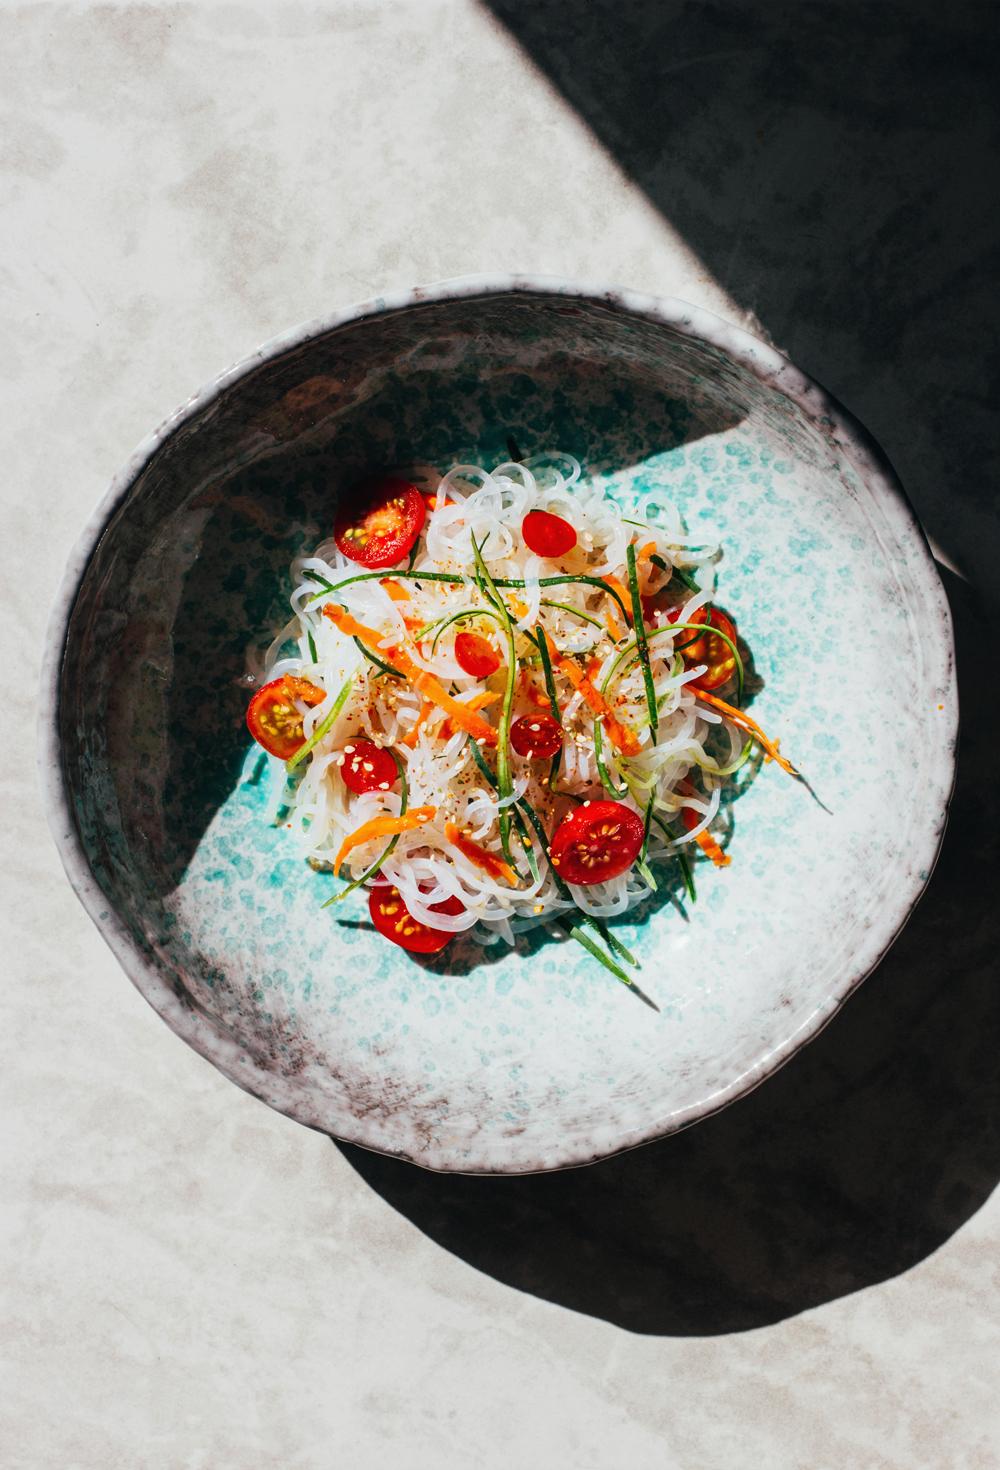 fotografía gastronómica y estilismo culinario-condospalillos